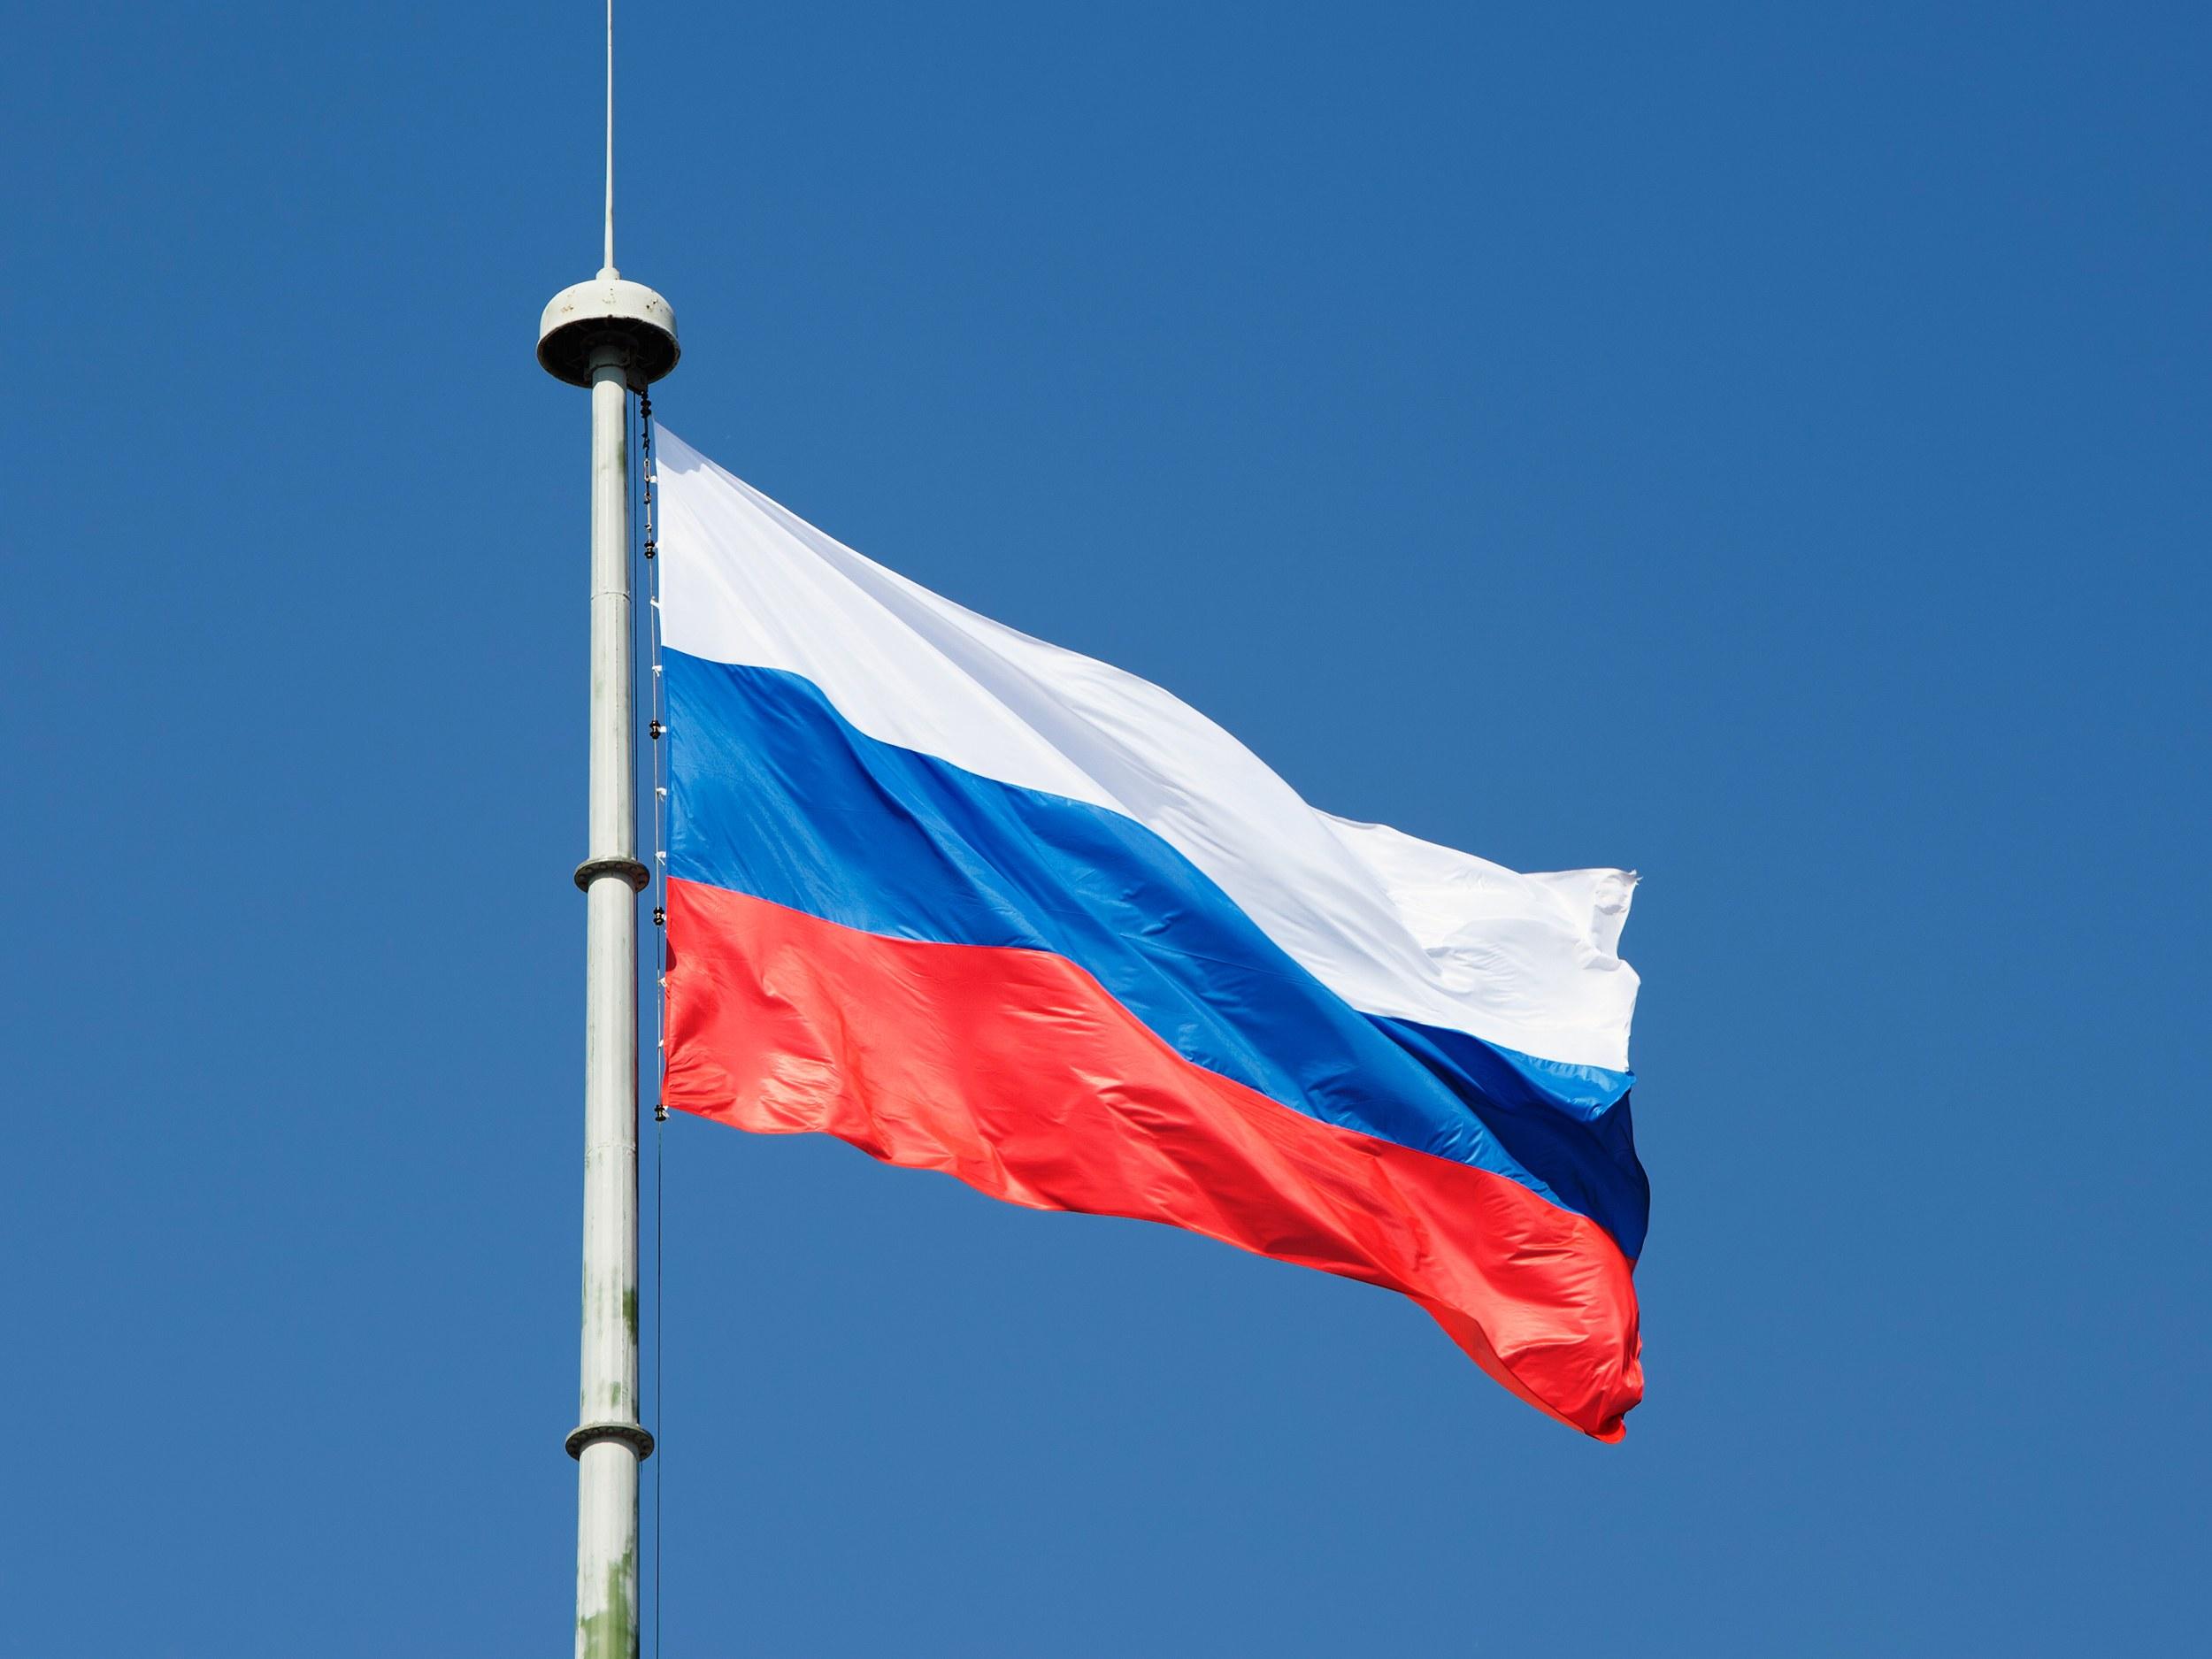 روسيا: لا توجد محادثات لإنشاء تحالف جديد مع أوبك